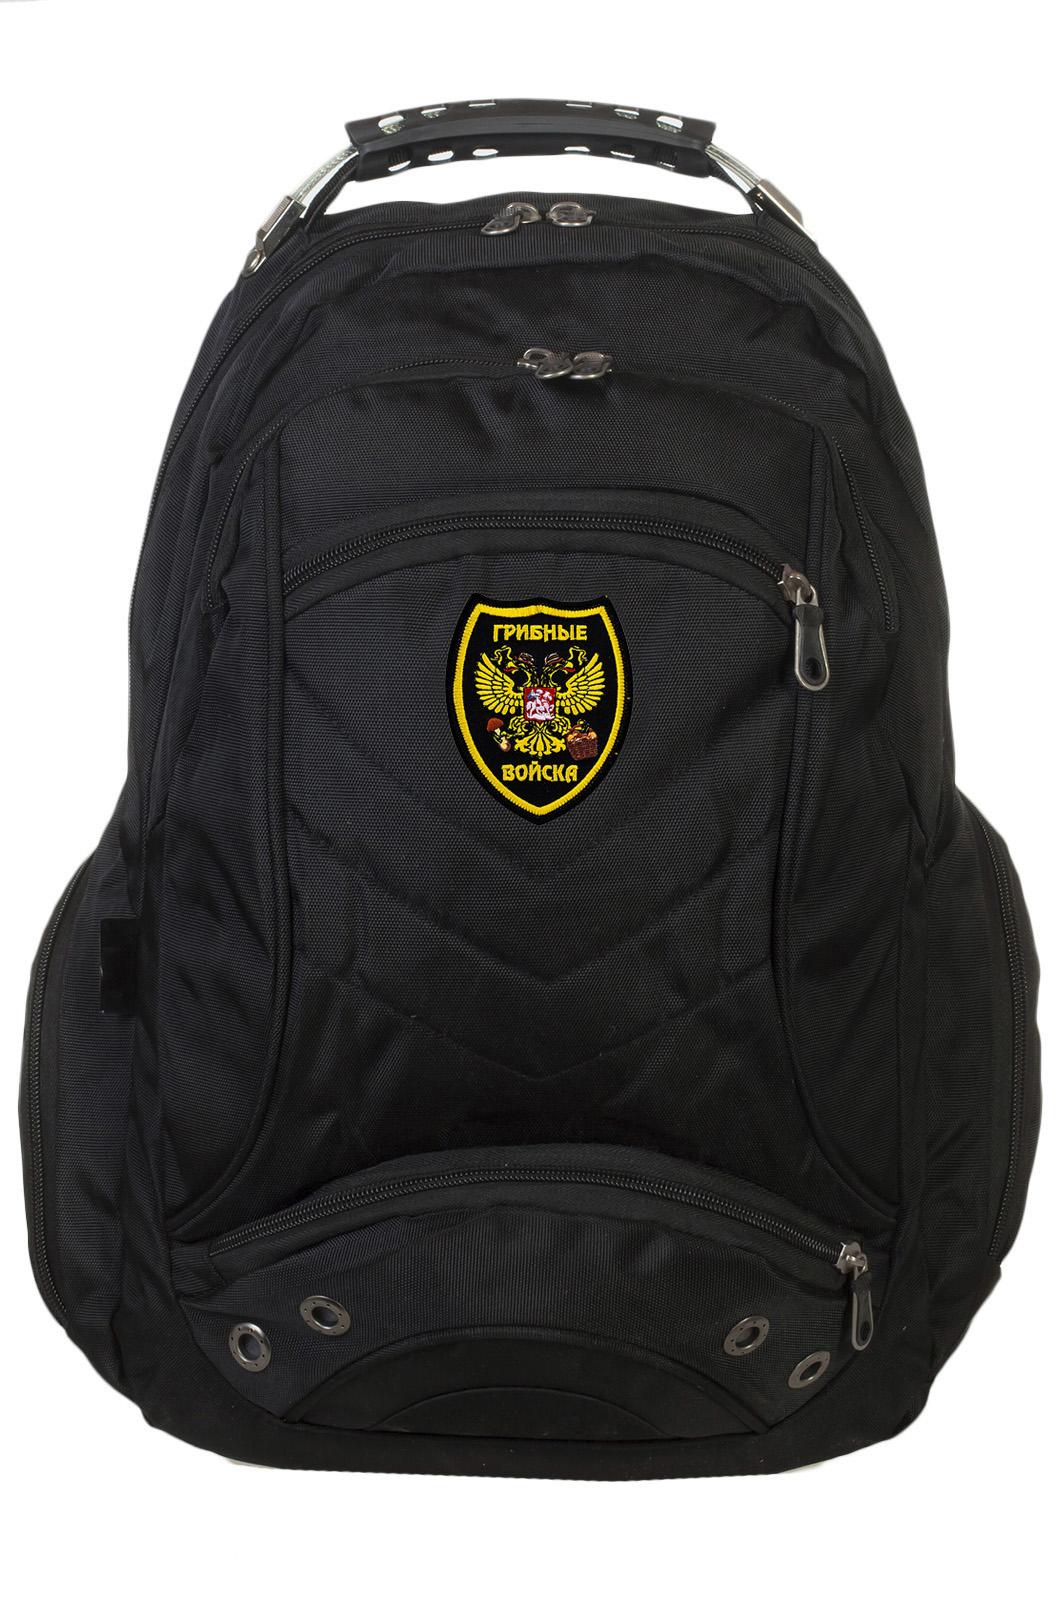 Зачетный рюкзак с оригинальной нашивкой Грибные войска